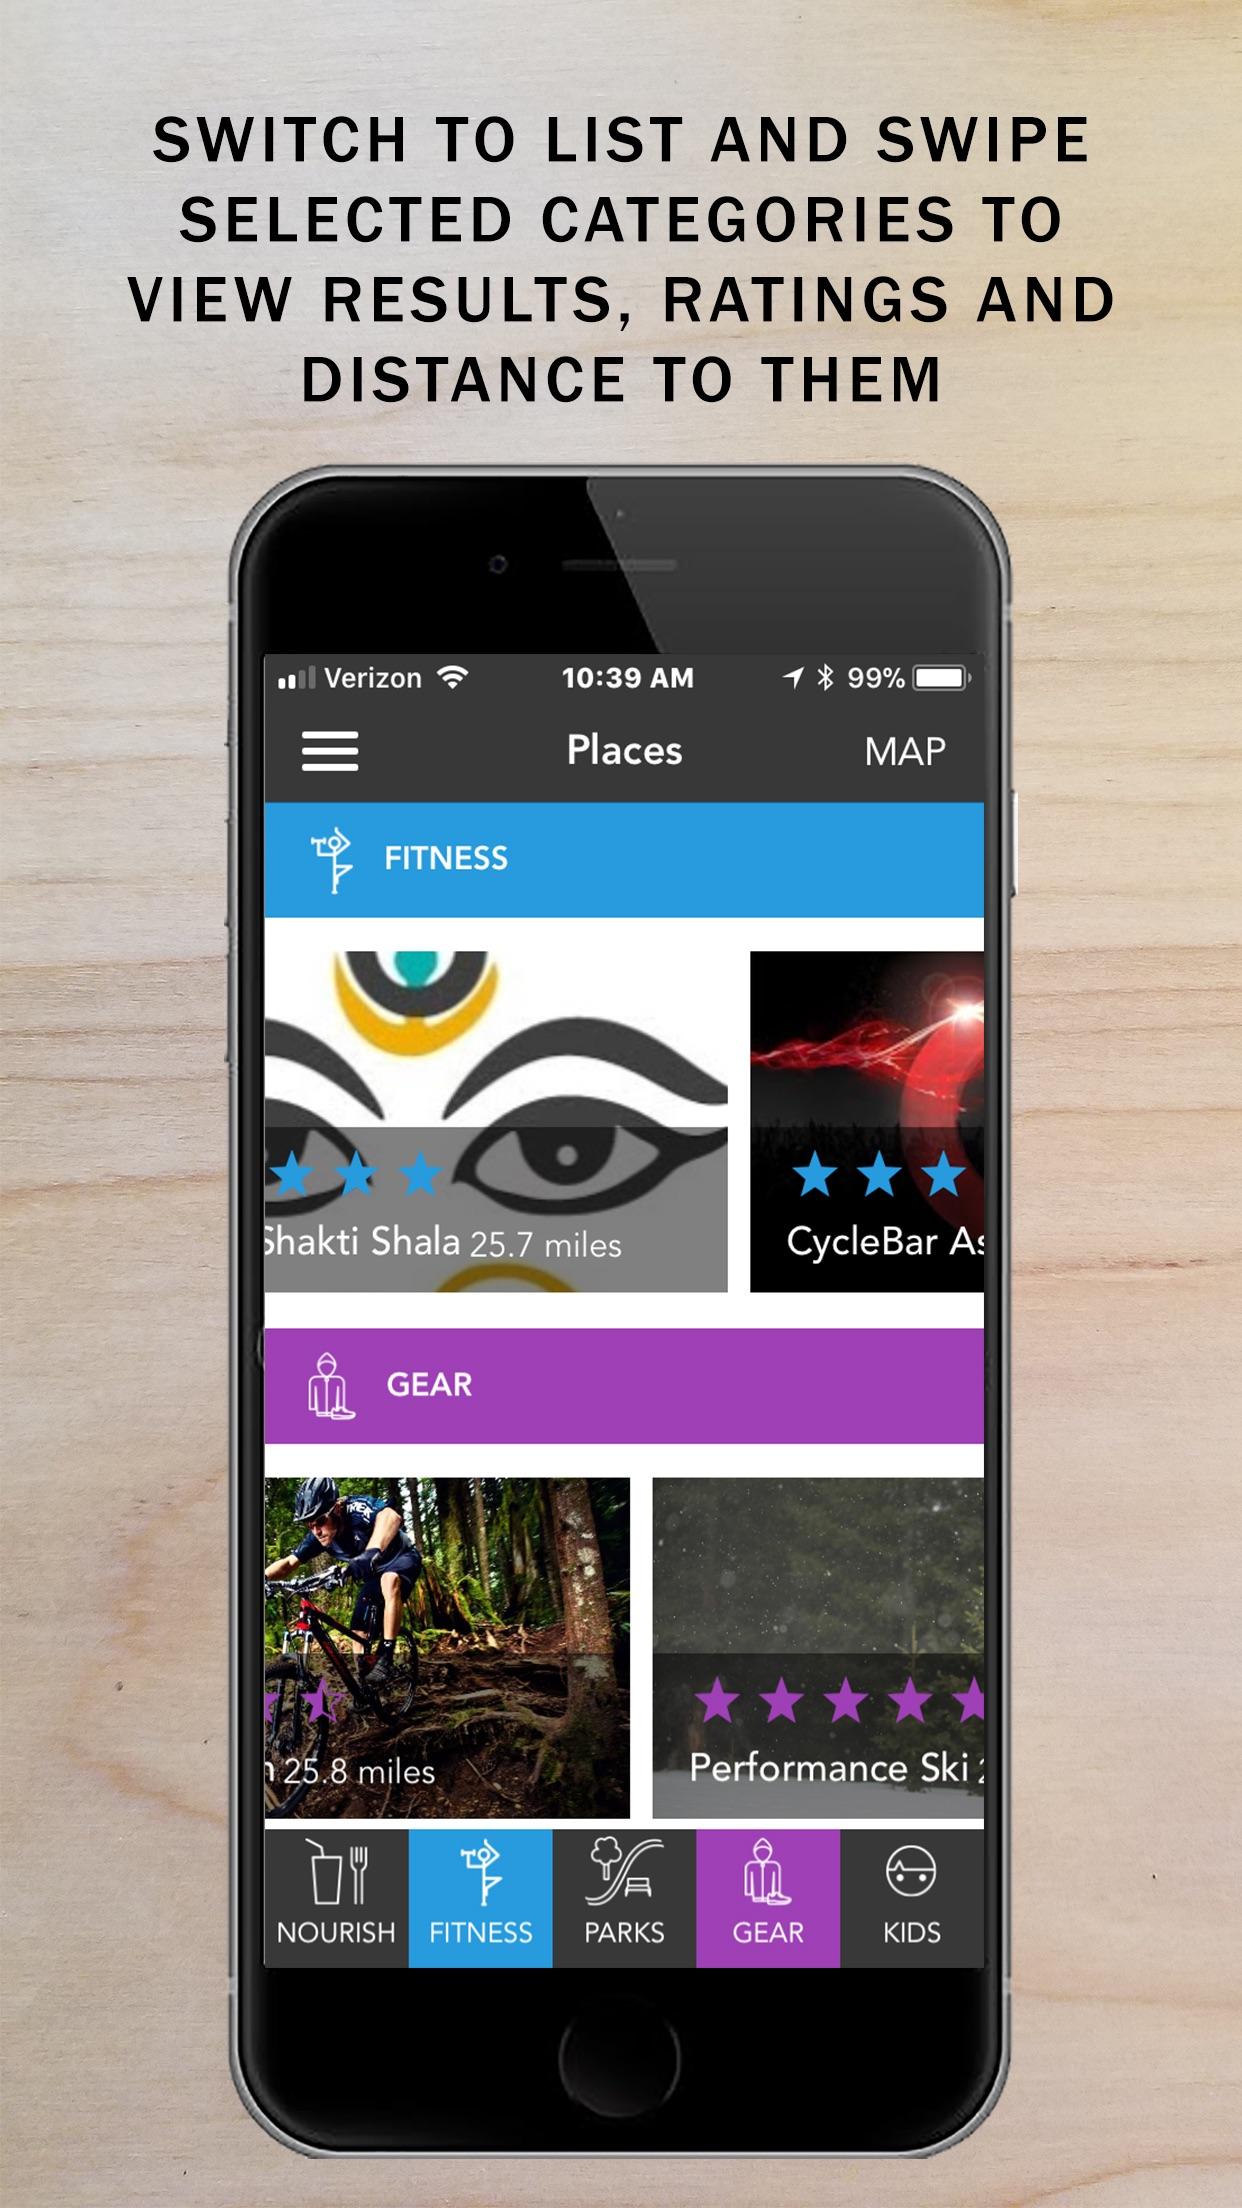 GoBeMap - Fit Living, Found Screenshot